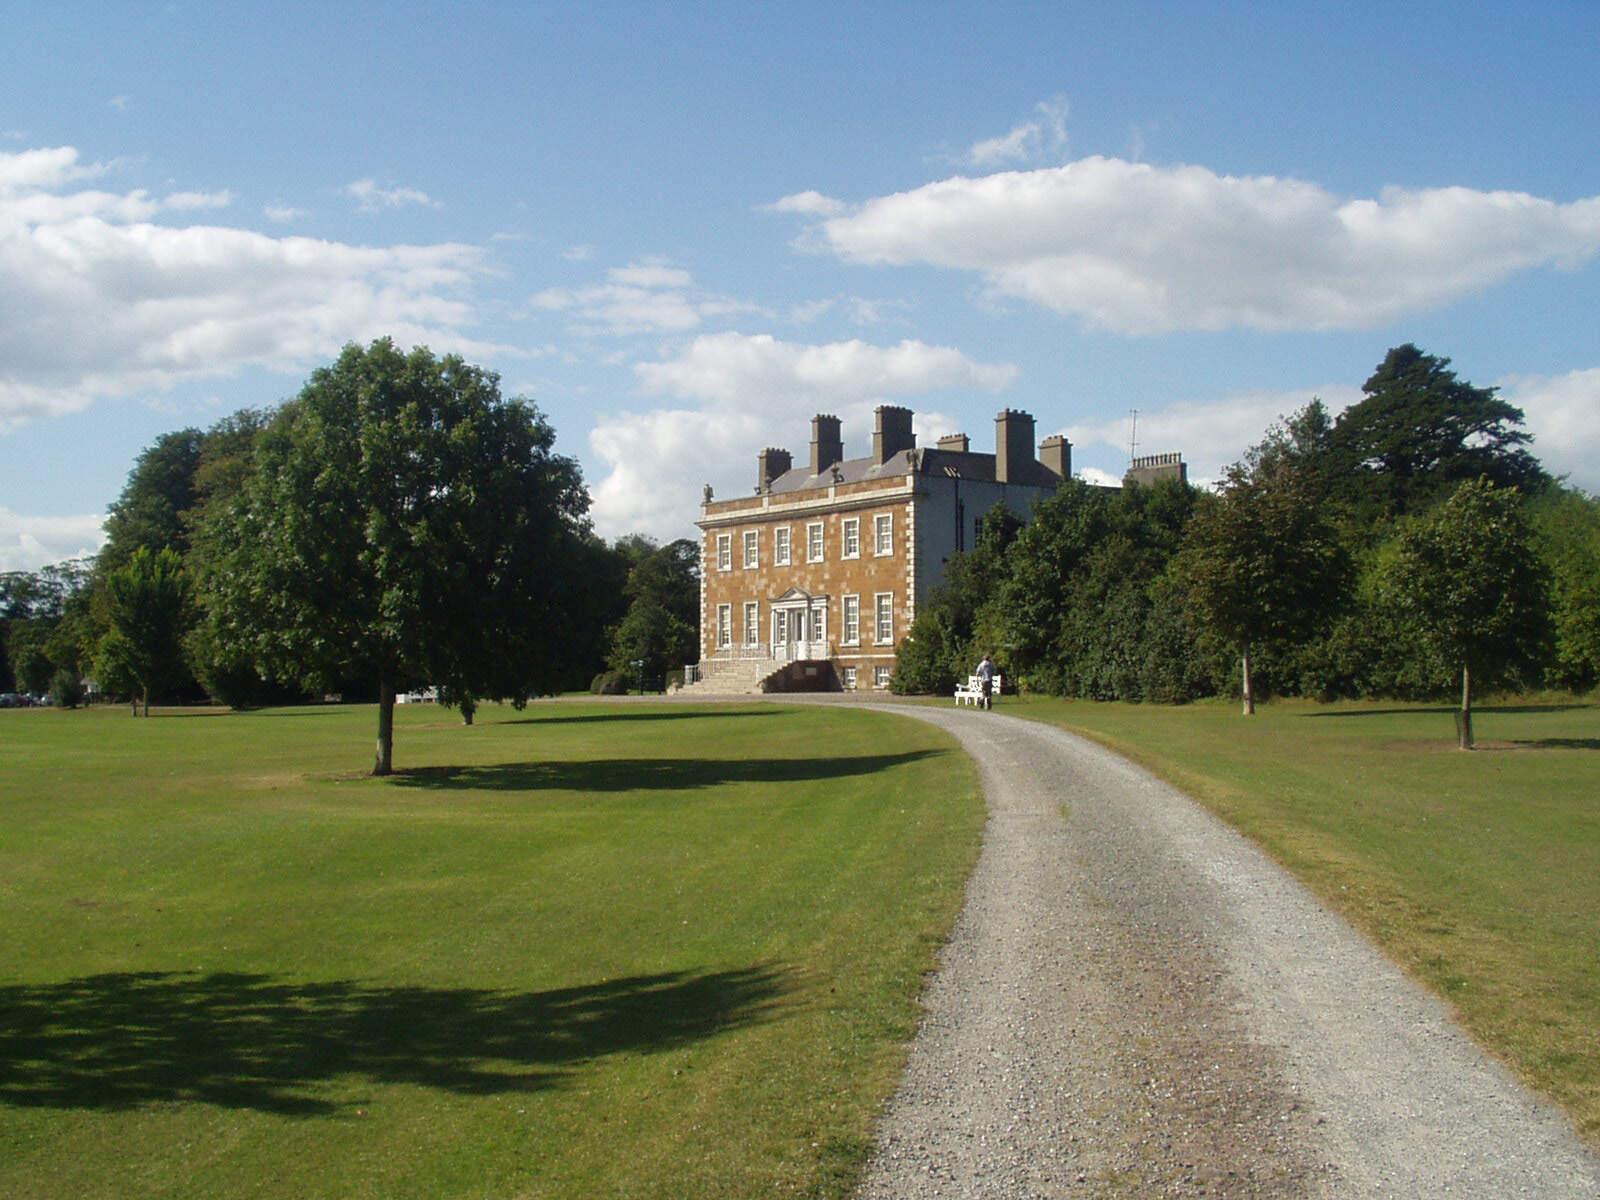 Newbridge House in Donabate